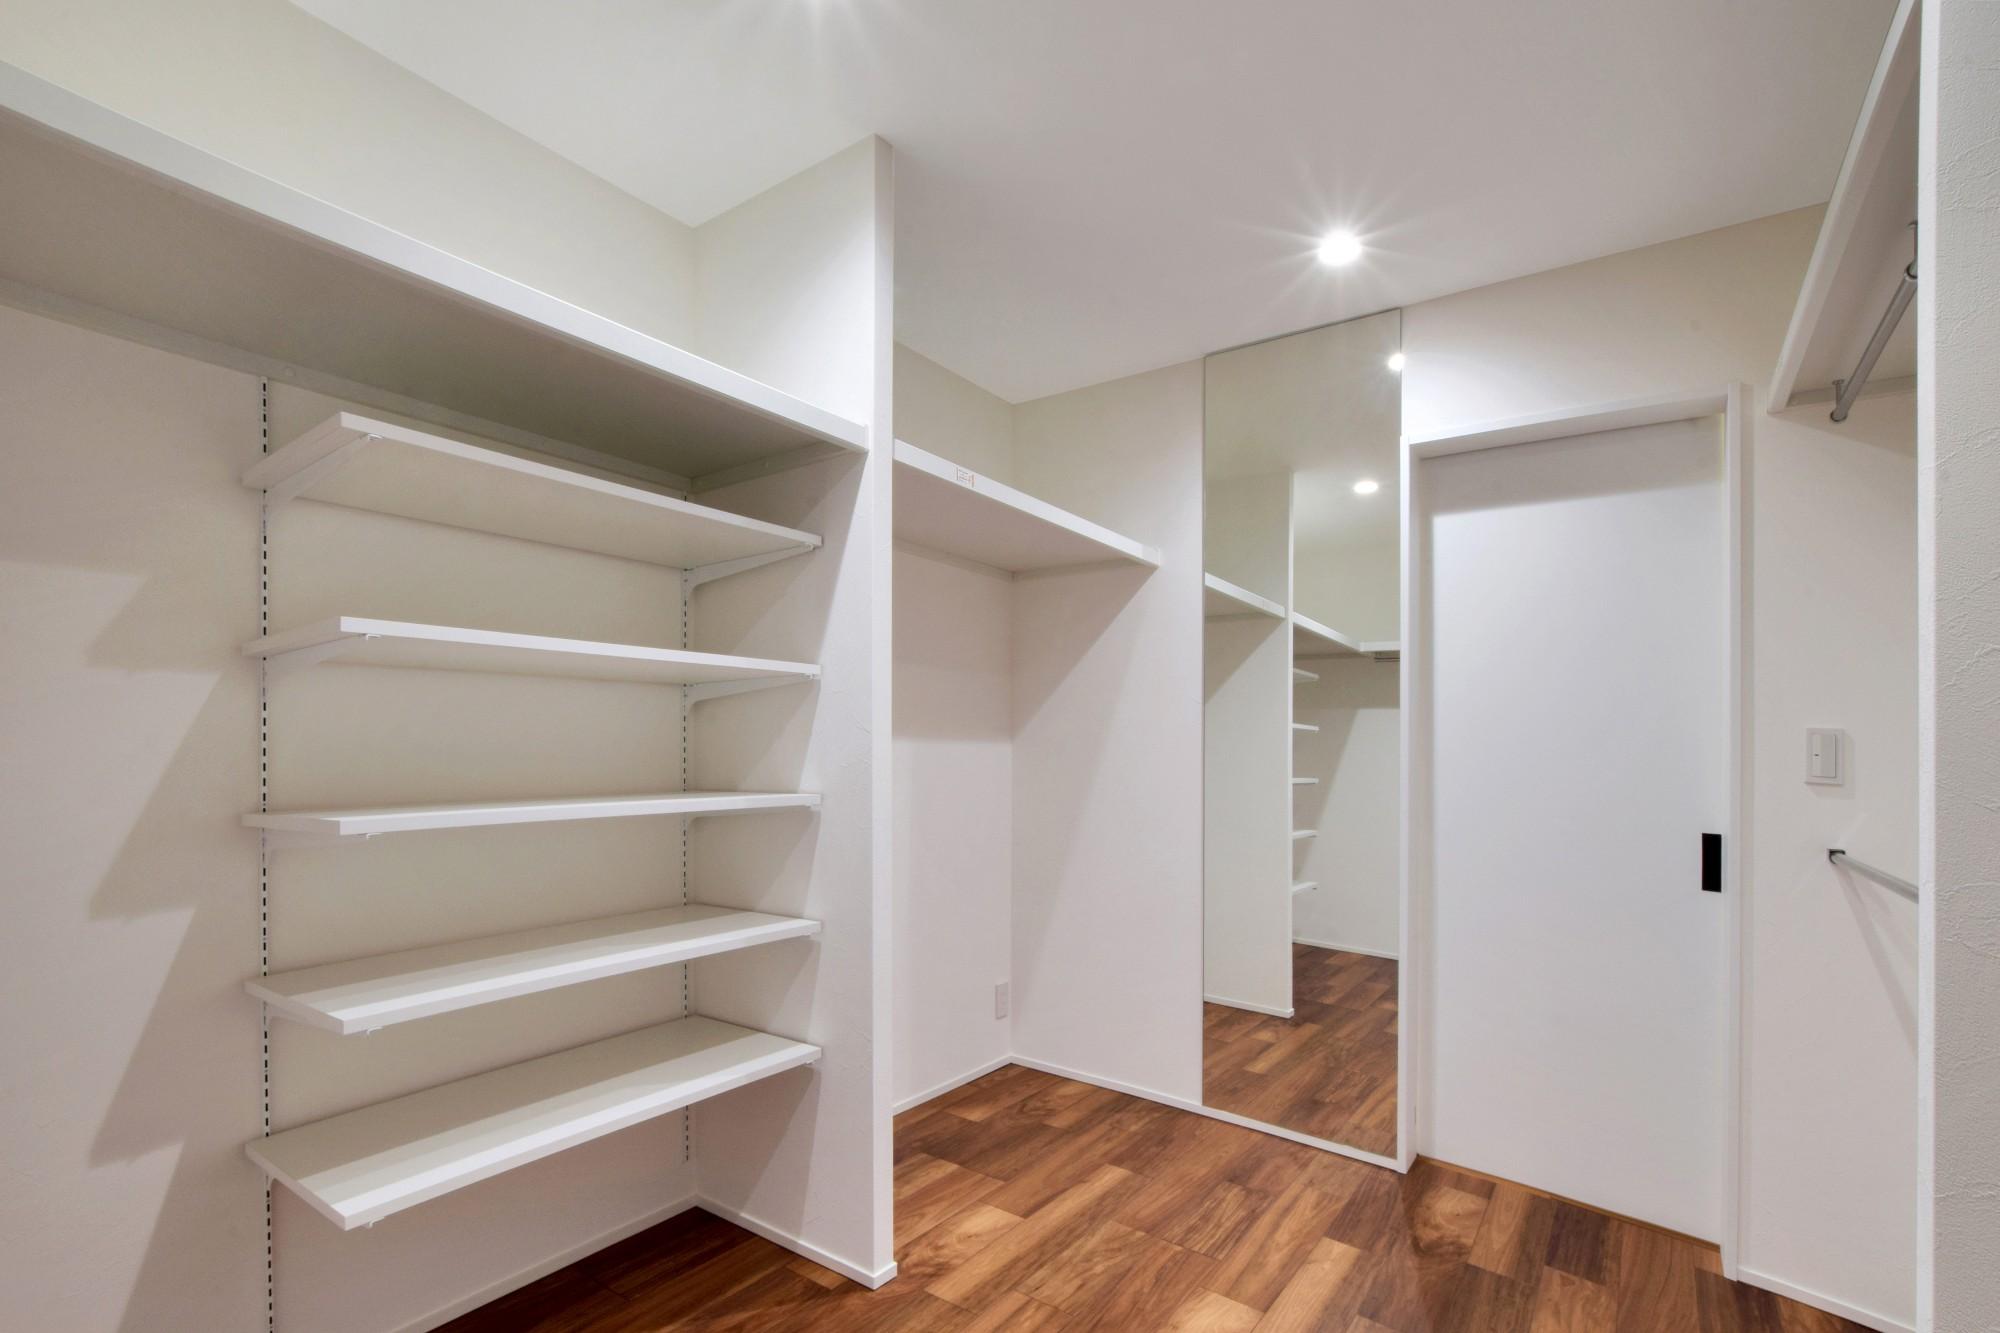 DETAIL HOME(ディテールホーム)「吹抜けのある全館空調の家」のシンプル・ナチュラルな収納スペースの実例写真